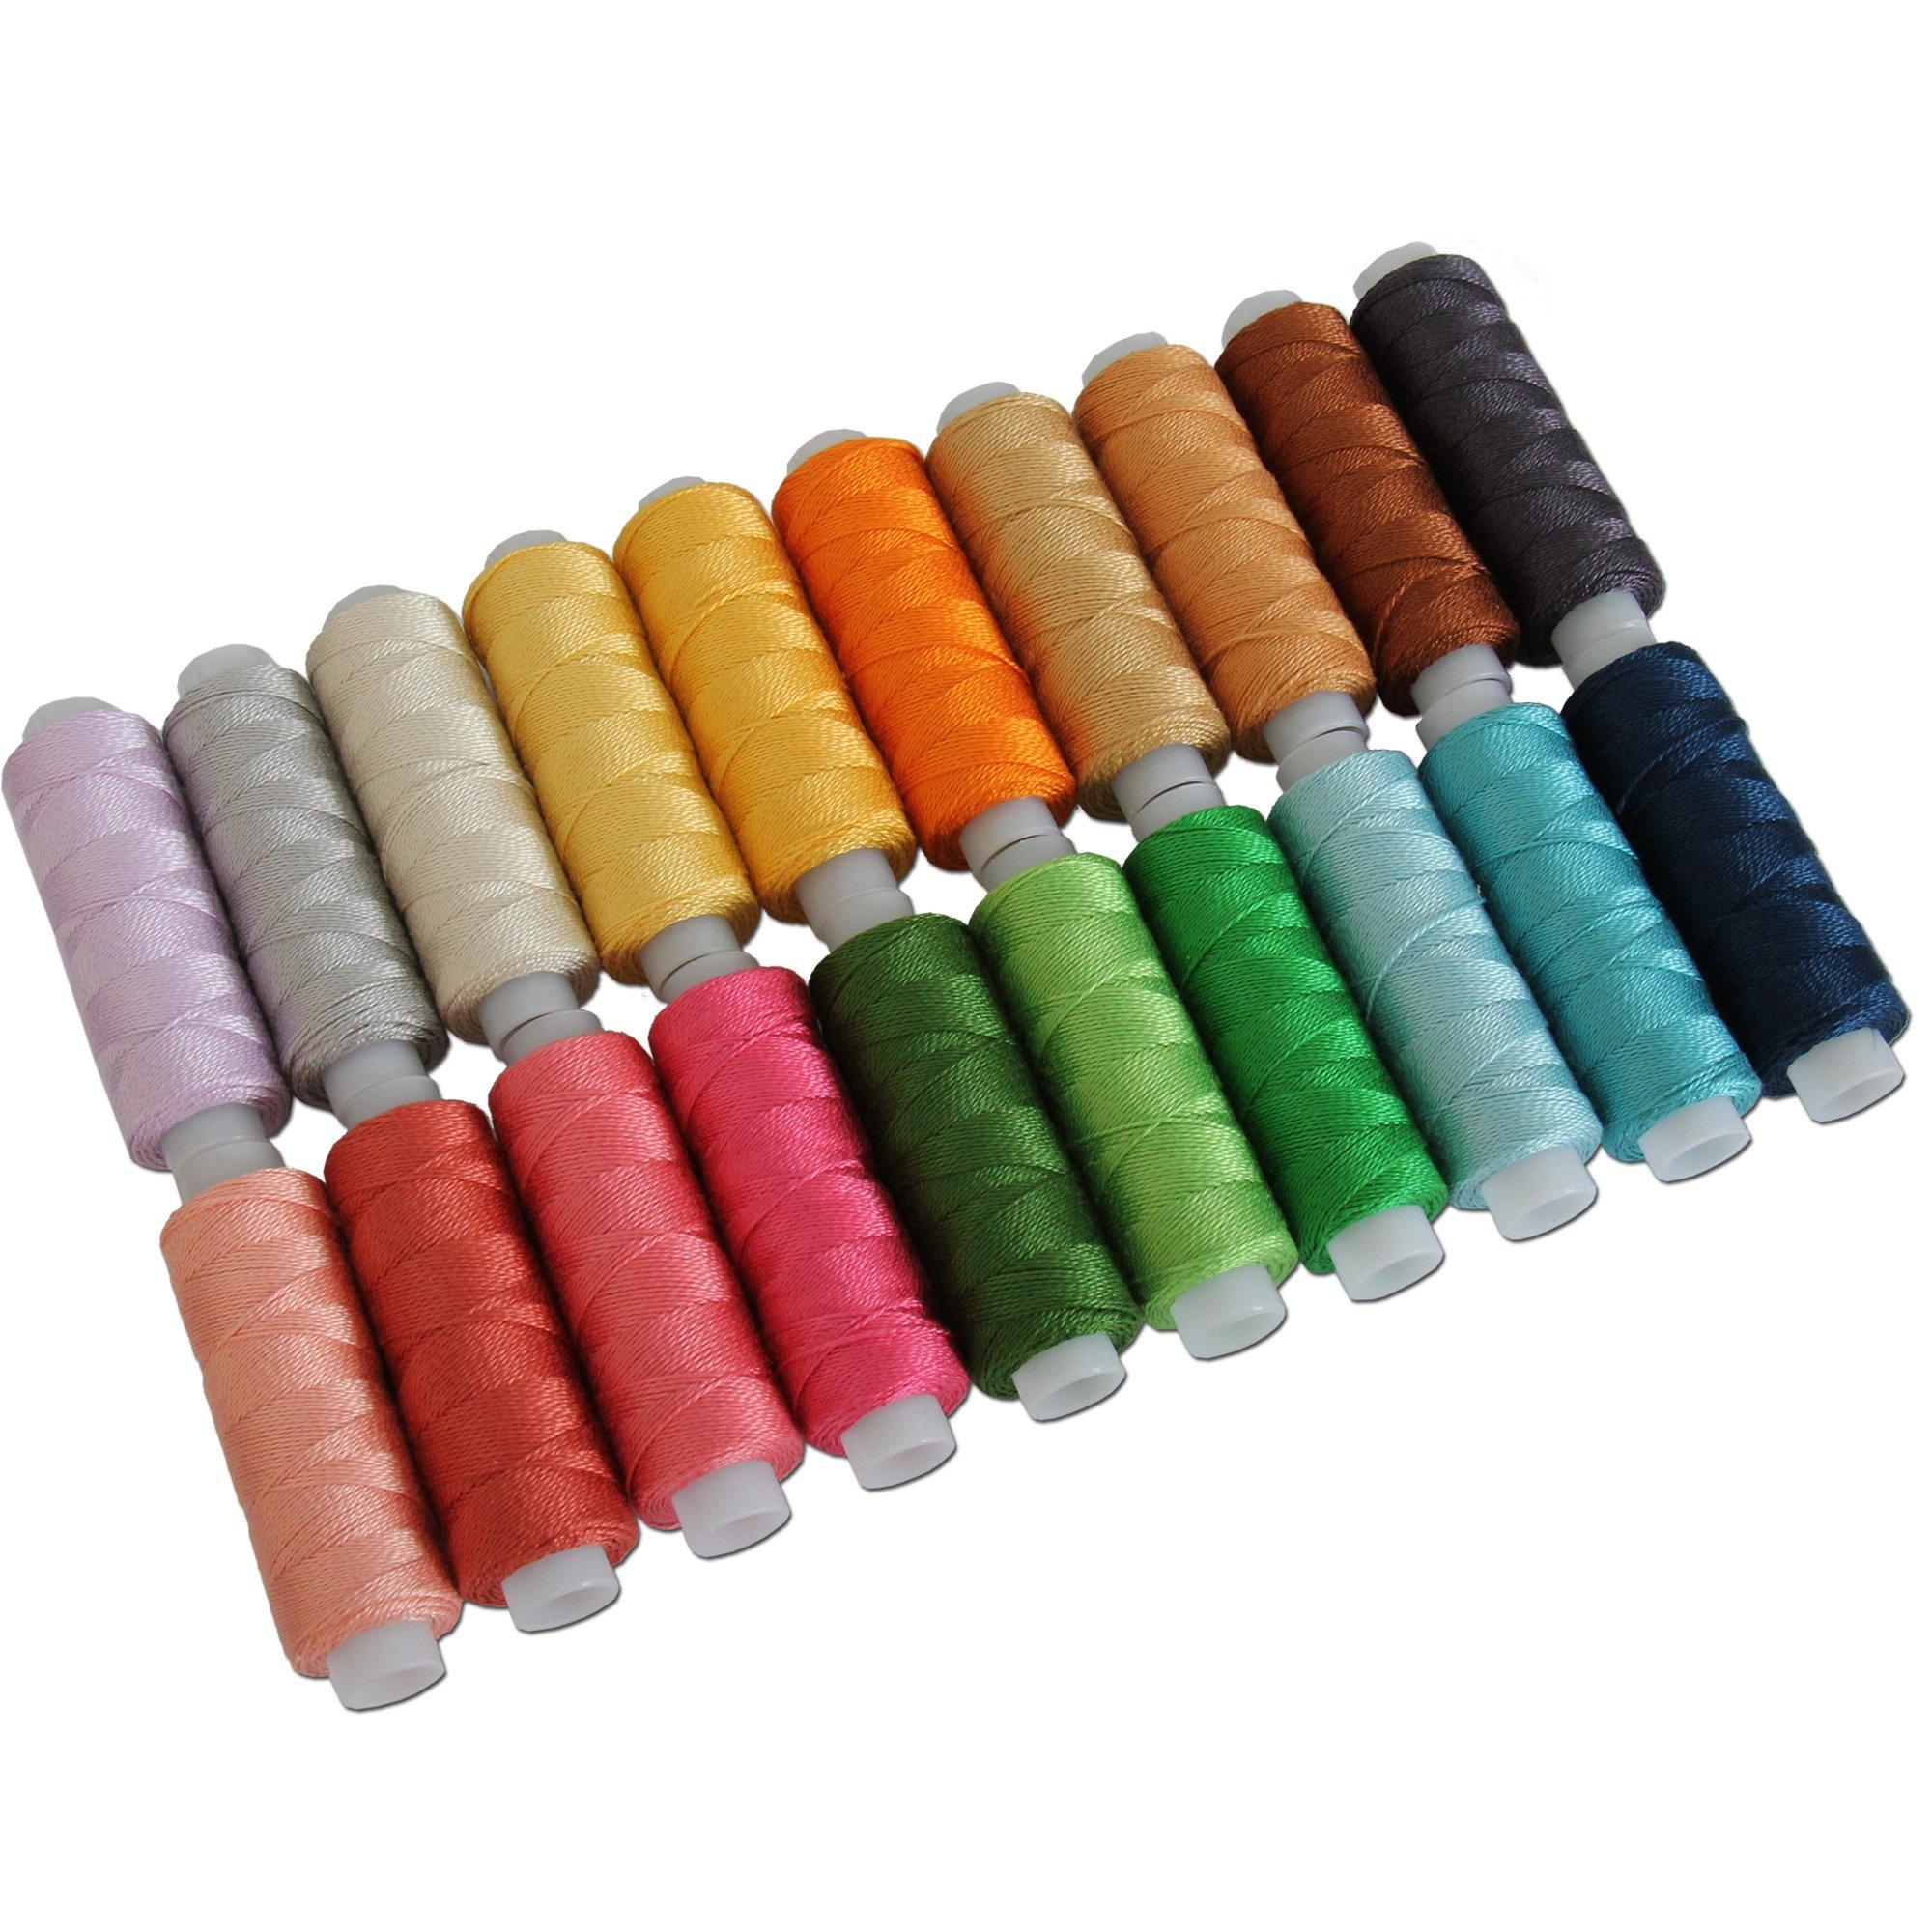 20 Colors of Perle Cotton Set B - 75yds - Size 8 - Threadart by Threadart